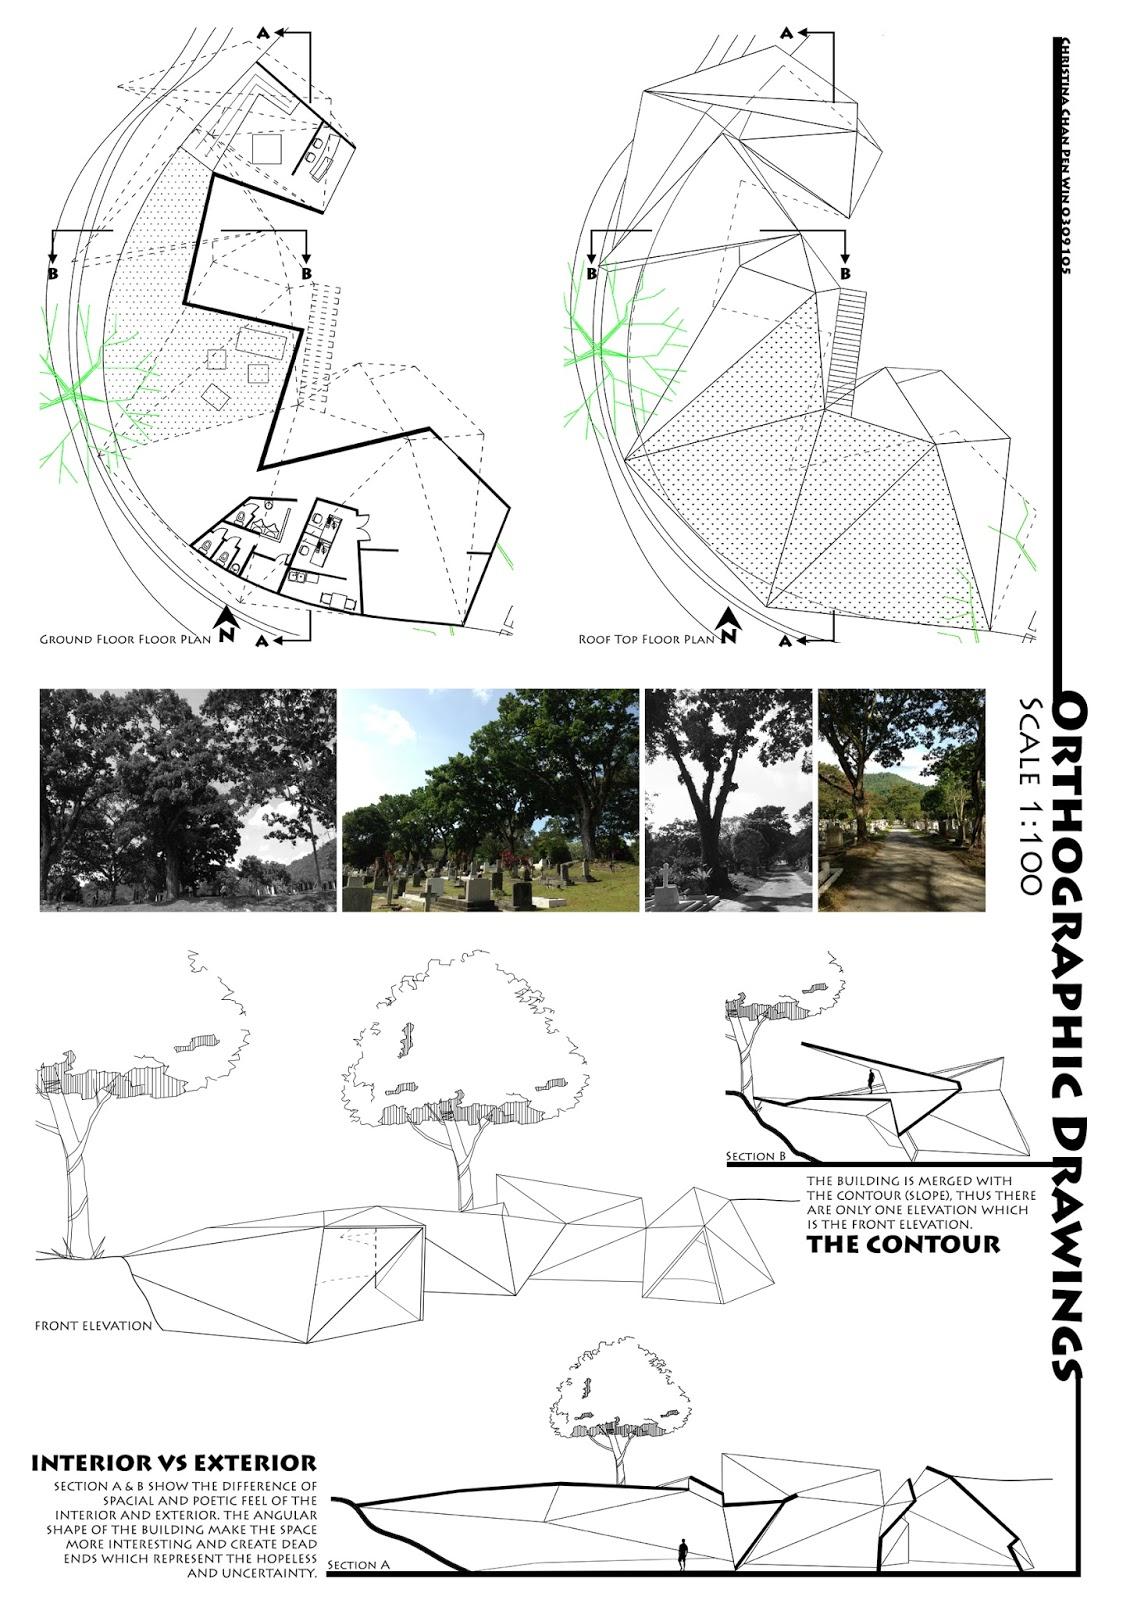 Architecture E-Portfolio: Design Studio Project 3: Visitor